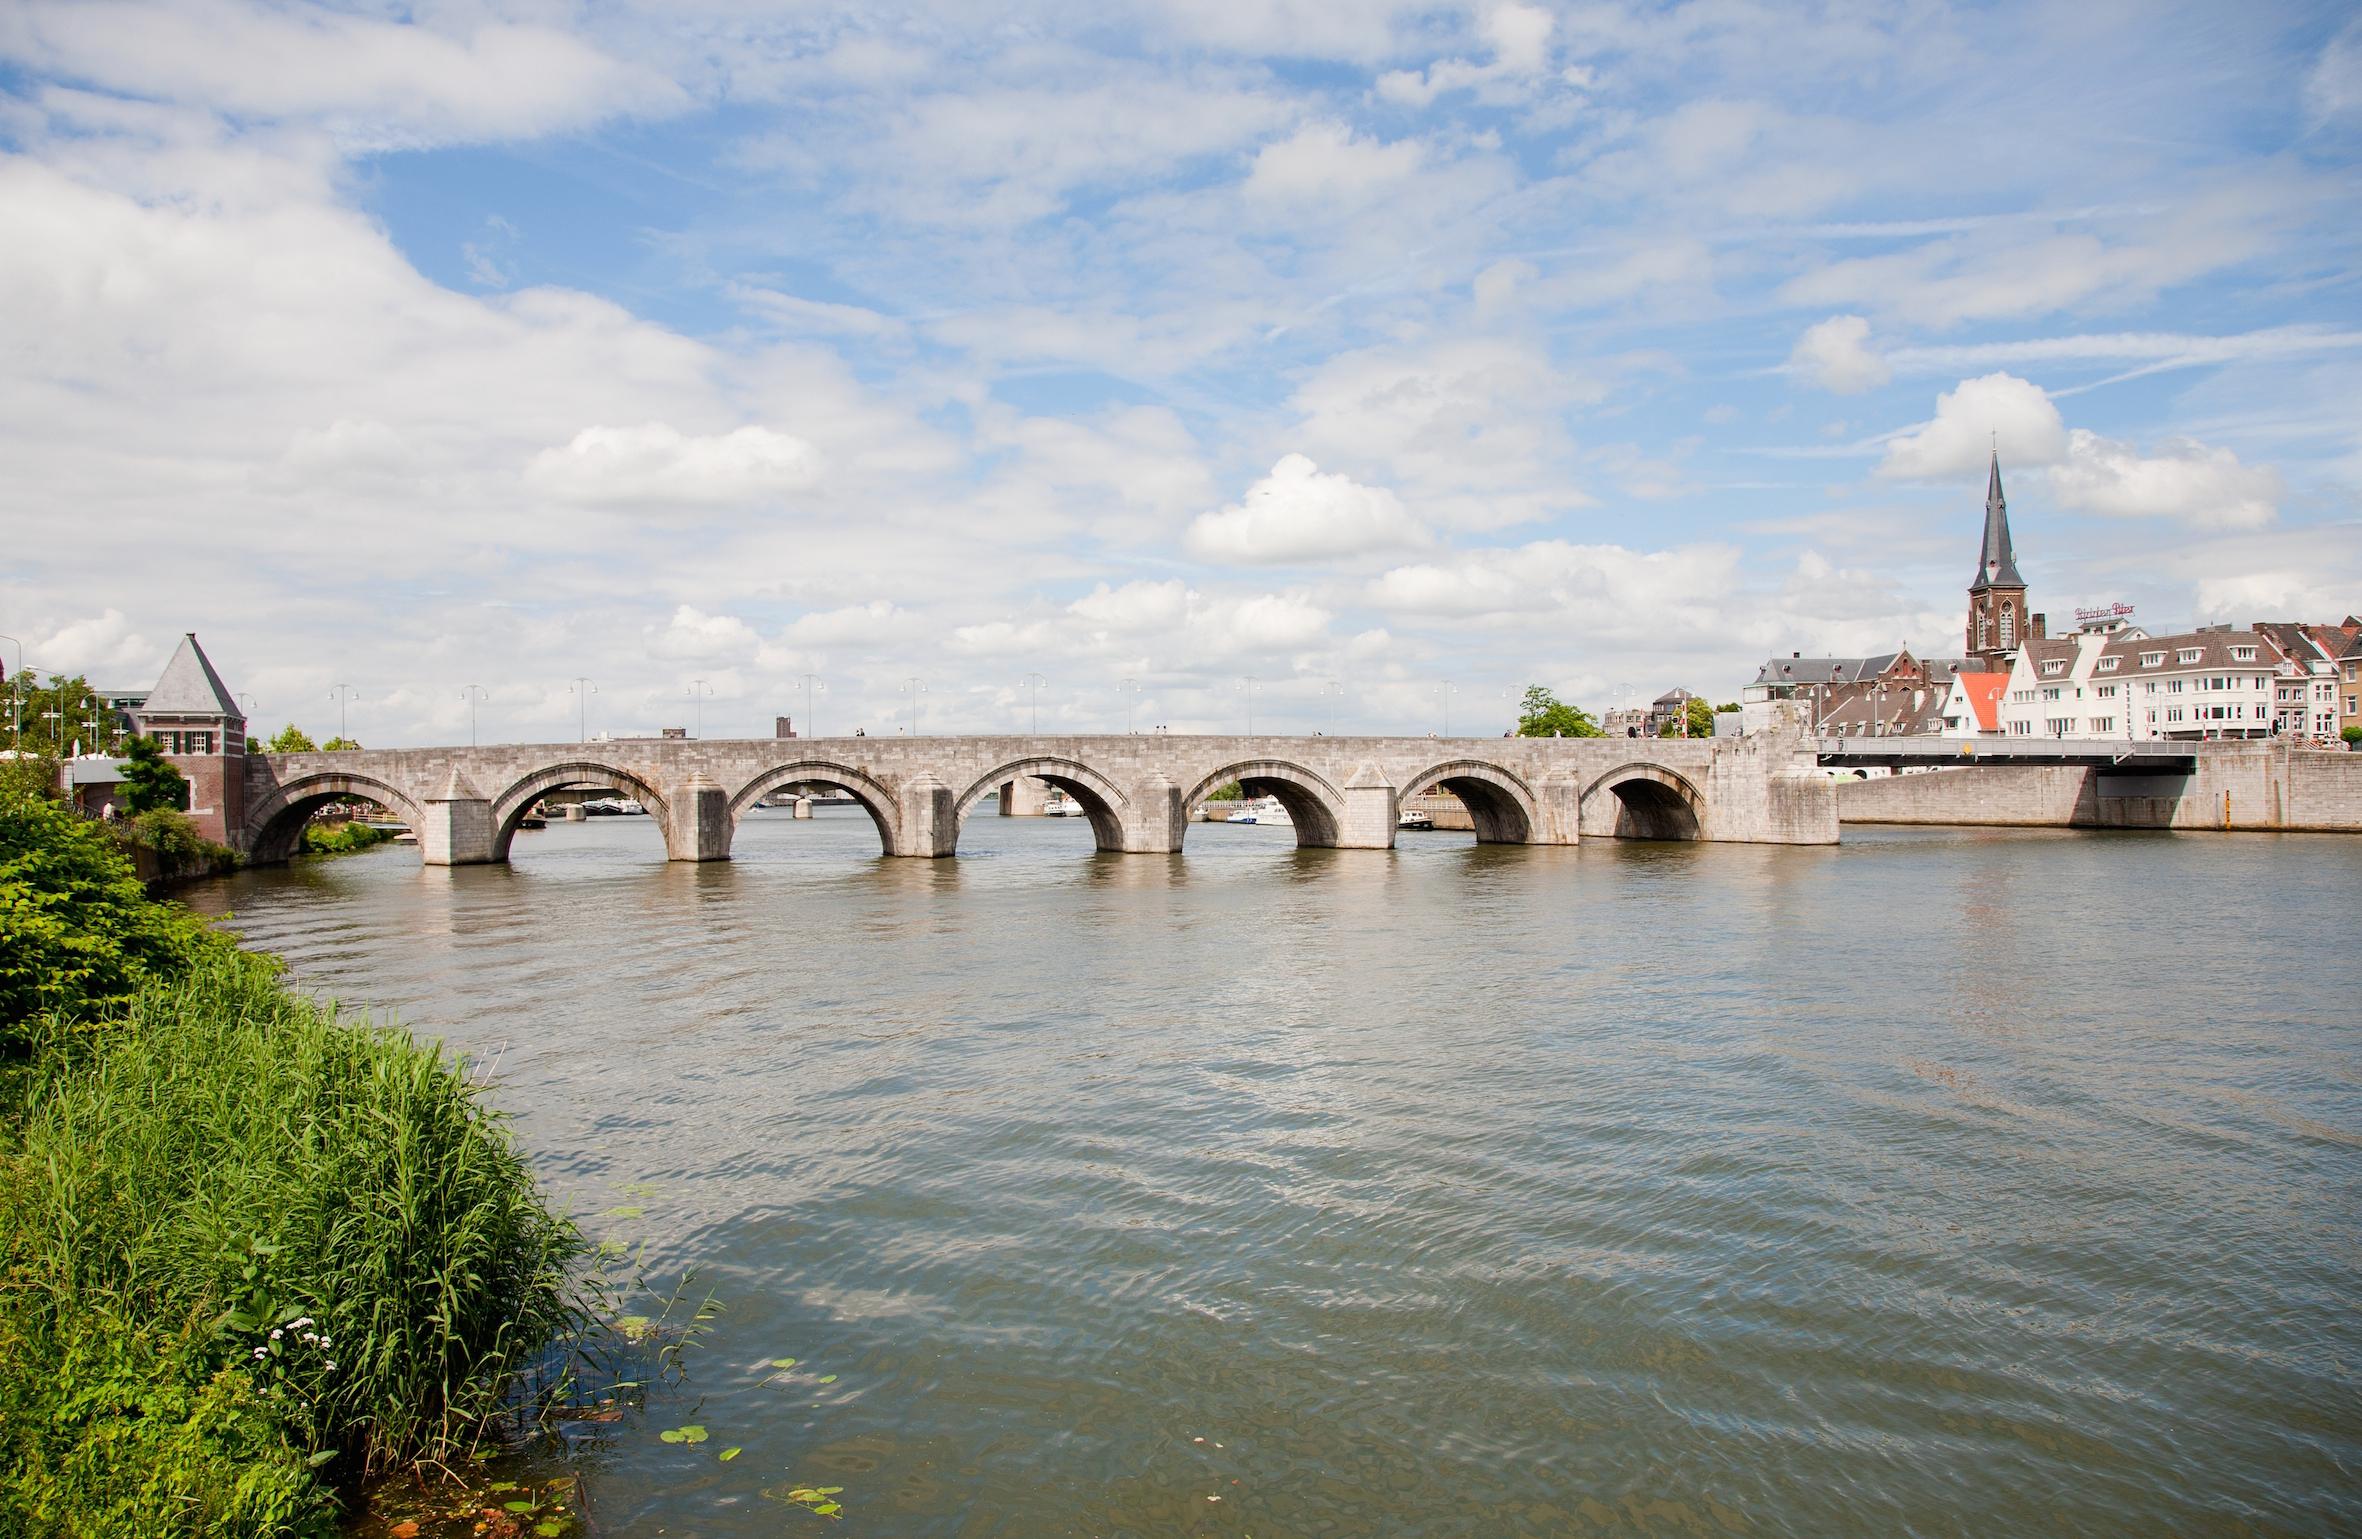 Genieten met een zachte g: ontdek mooi Maastricht!